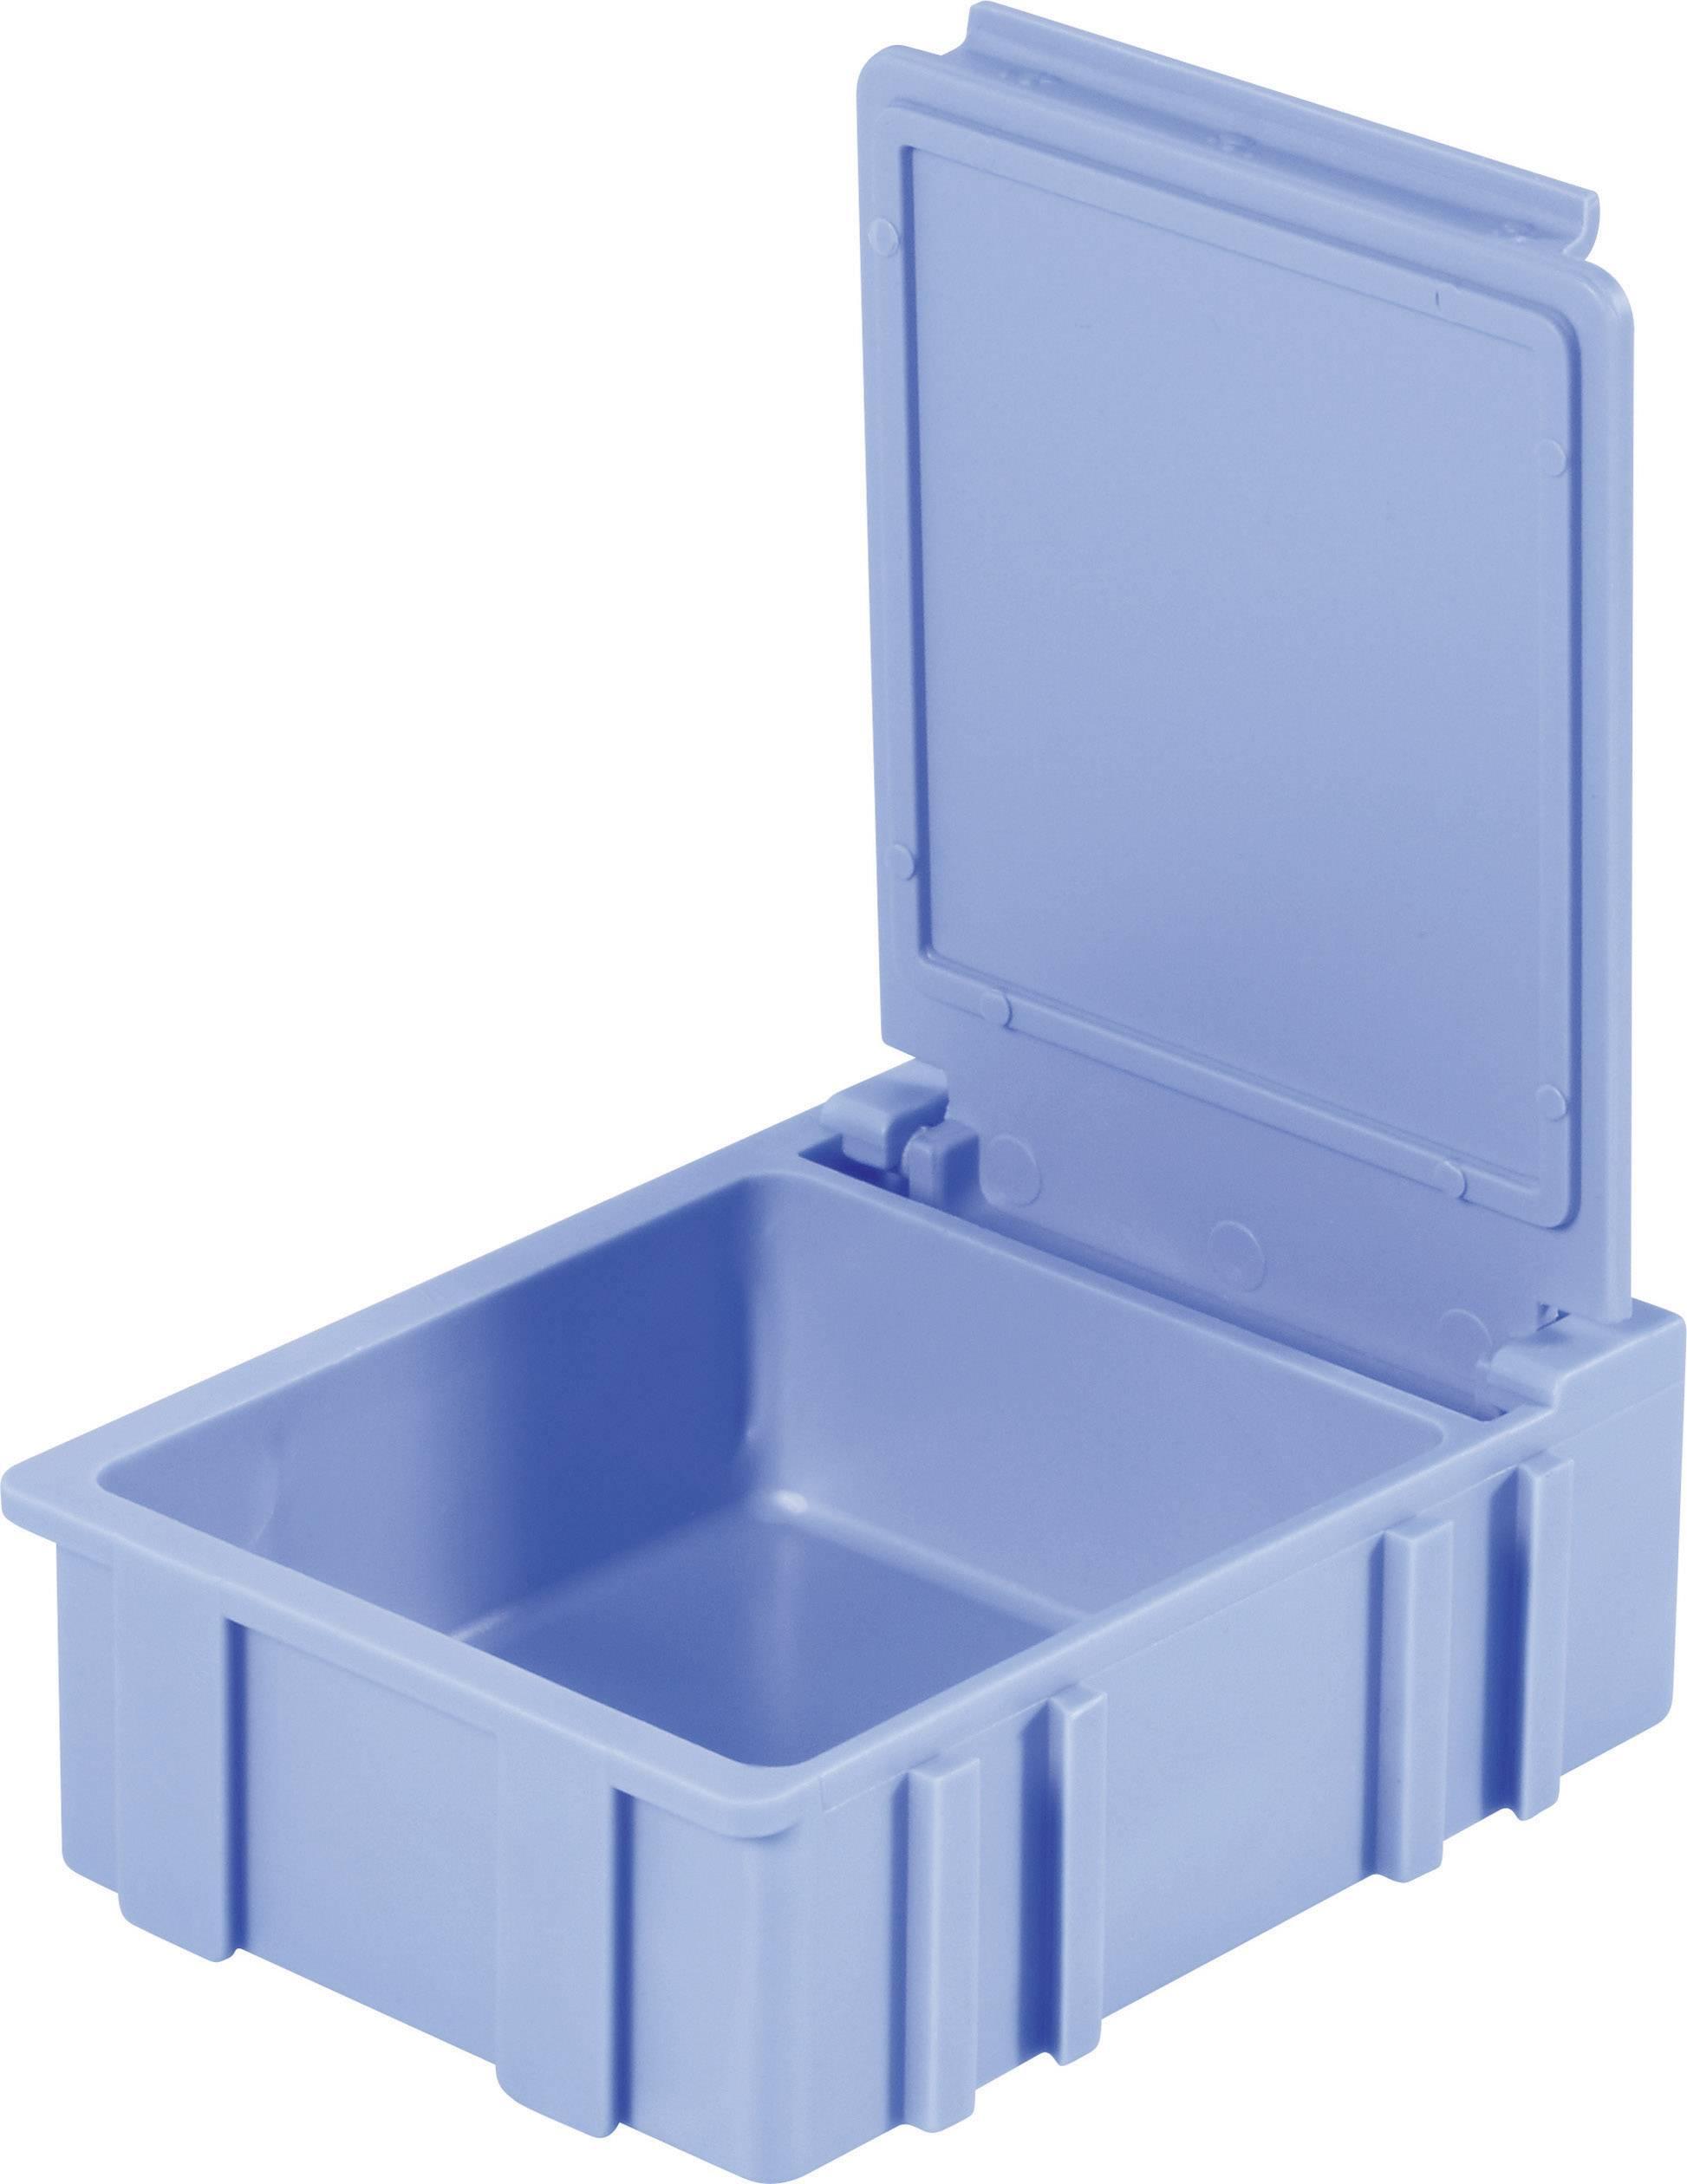 Box pro SMD součástky Licefa, N32244, 41 x 37 x 15 mm, žlutá